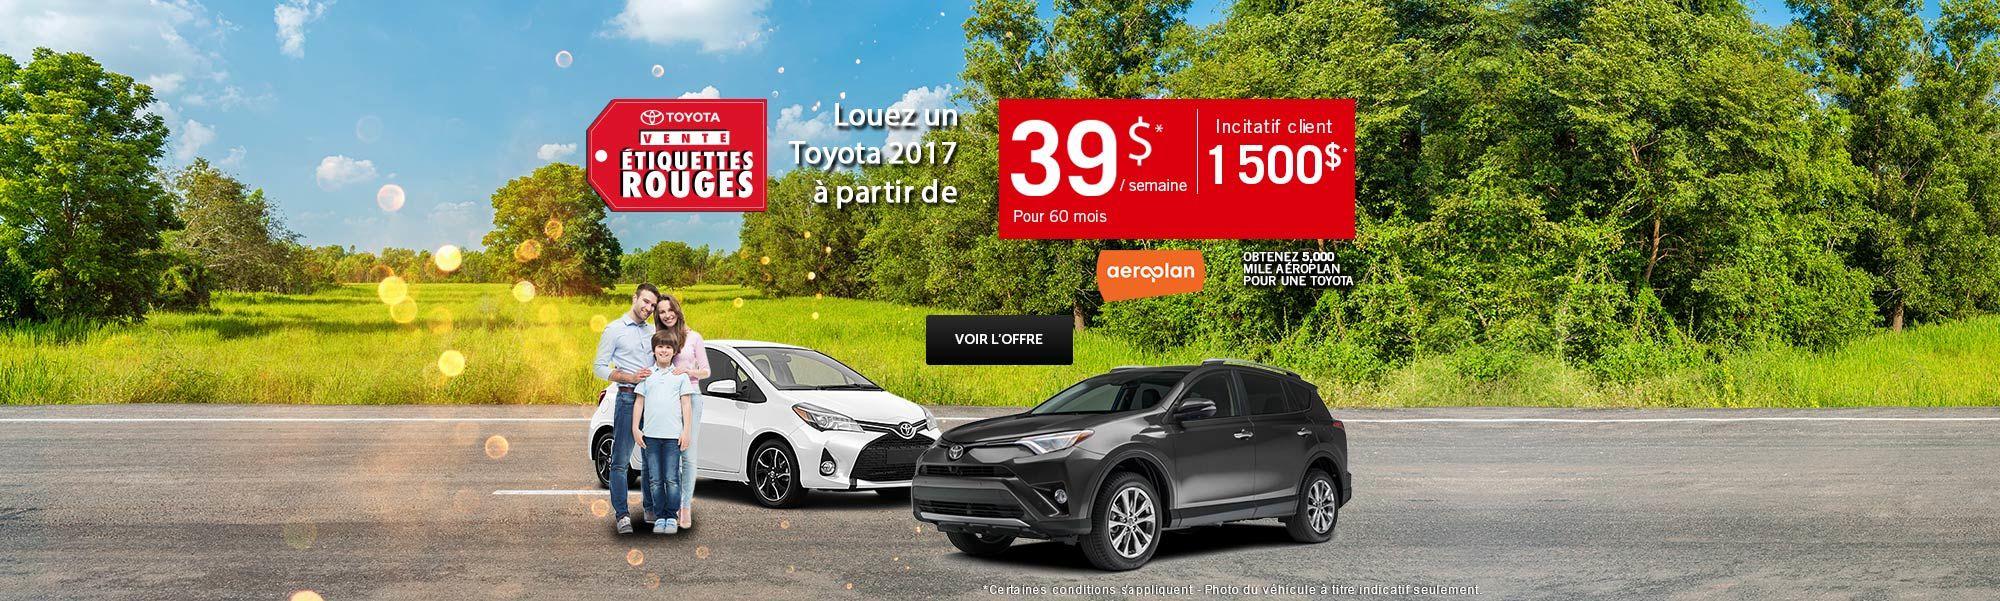 Vente étiquette rouges Toyota